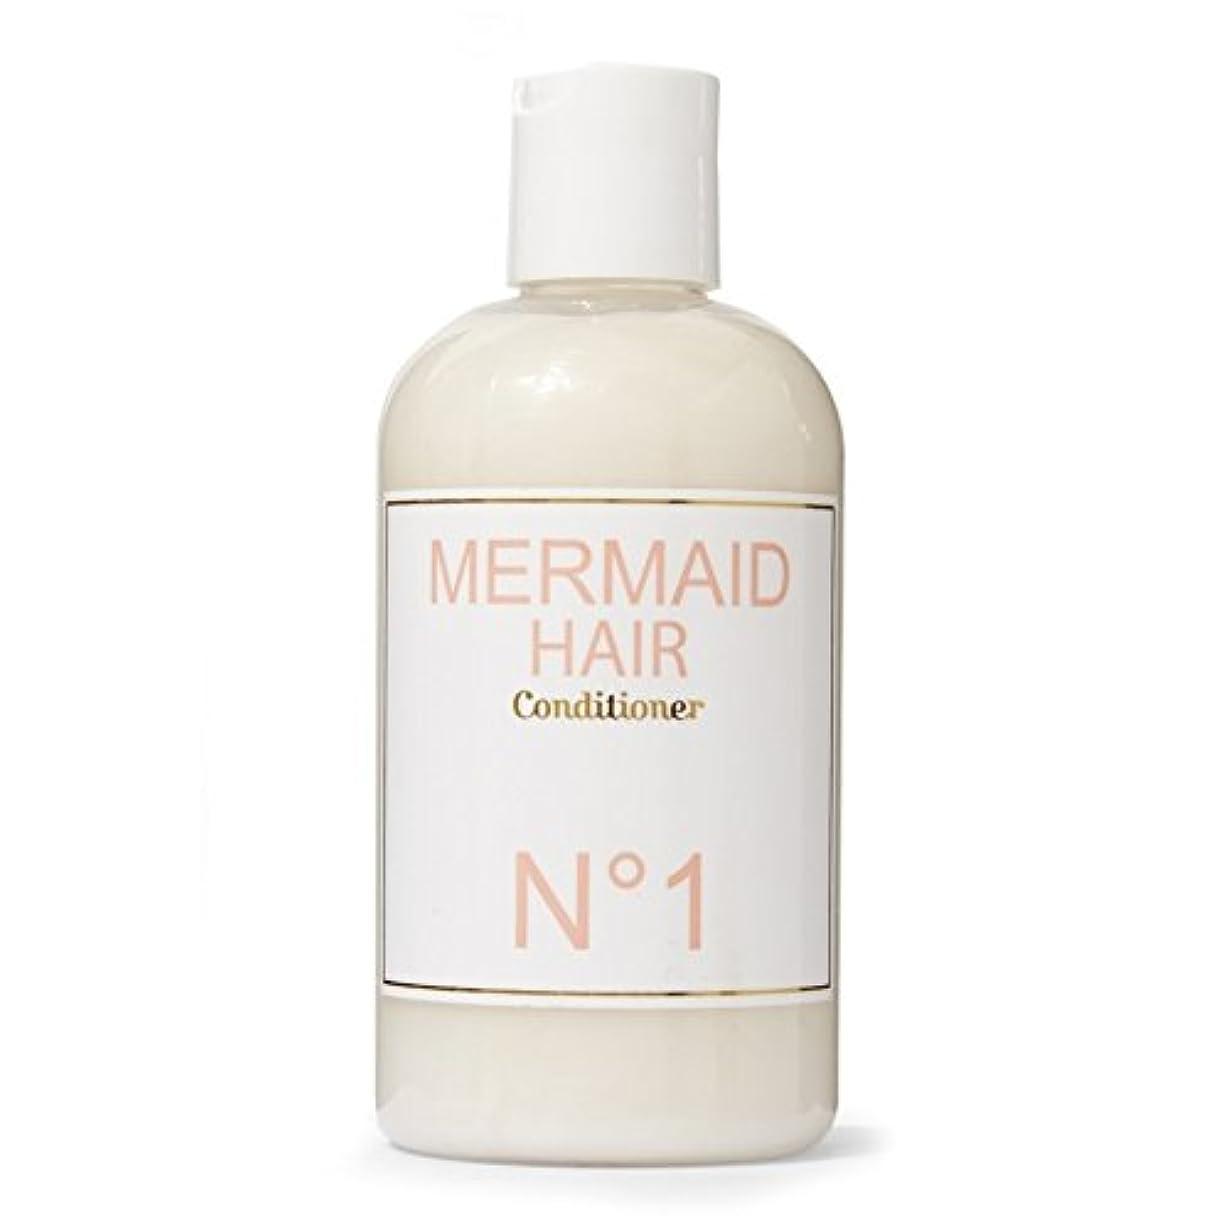 アクセサリー窓所得Mermaid Perfume Mermaid Conditioner 300ml (Pack of 6) - 人魚香水人魚コンディショナー300ミリリットル x6 [並行輸入品]